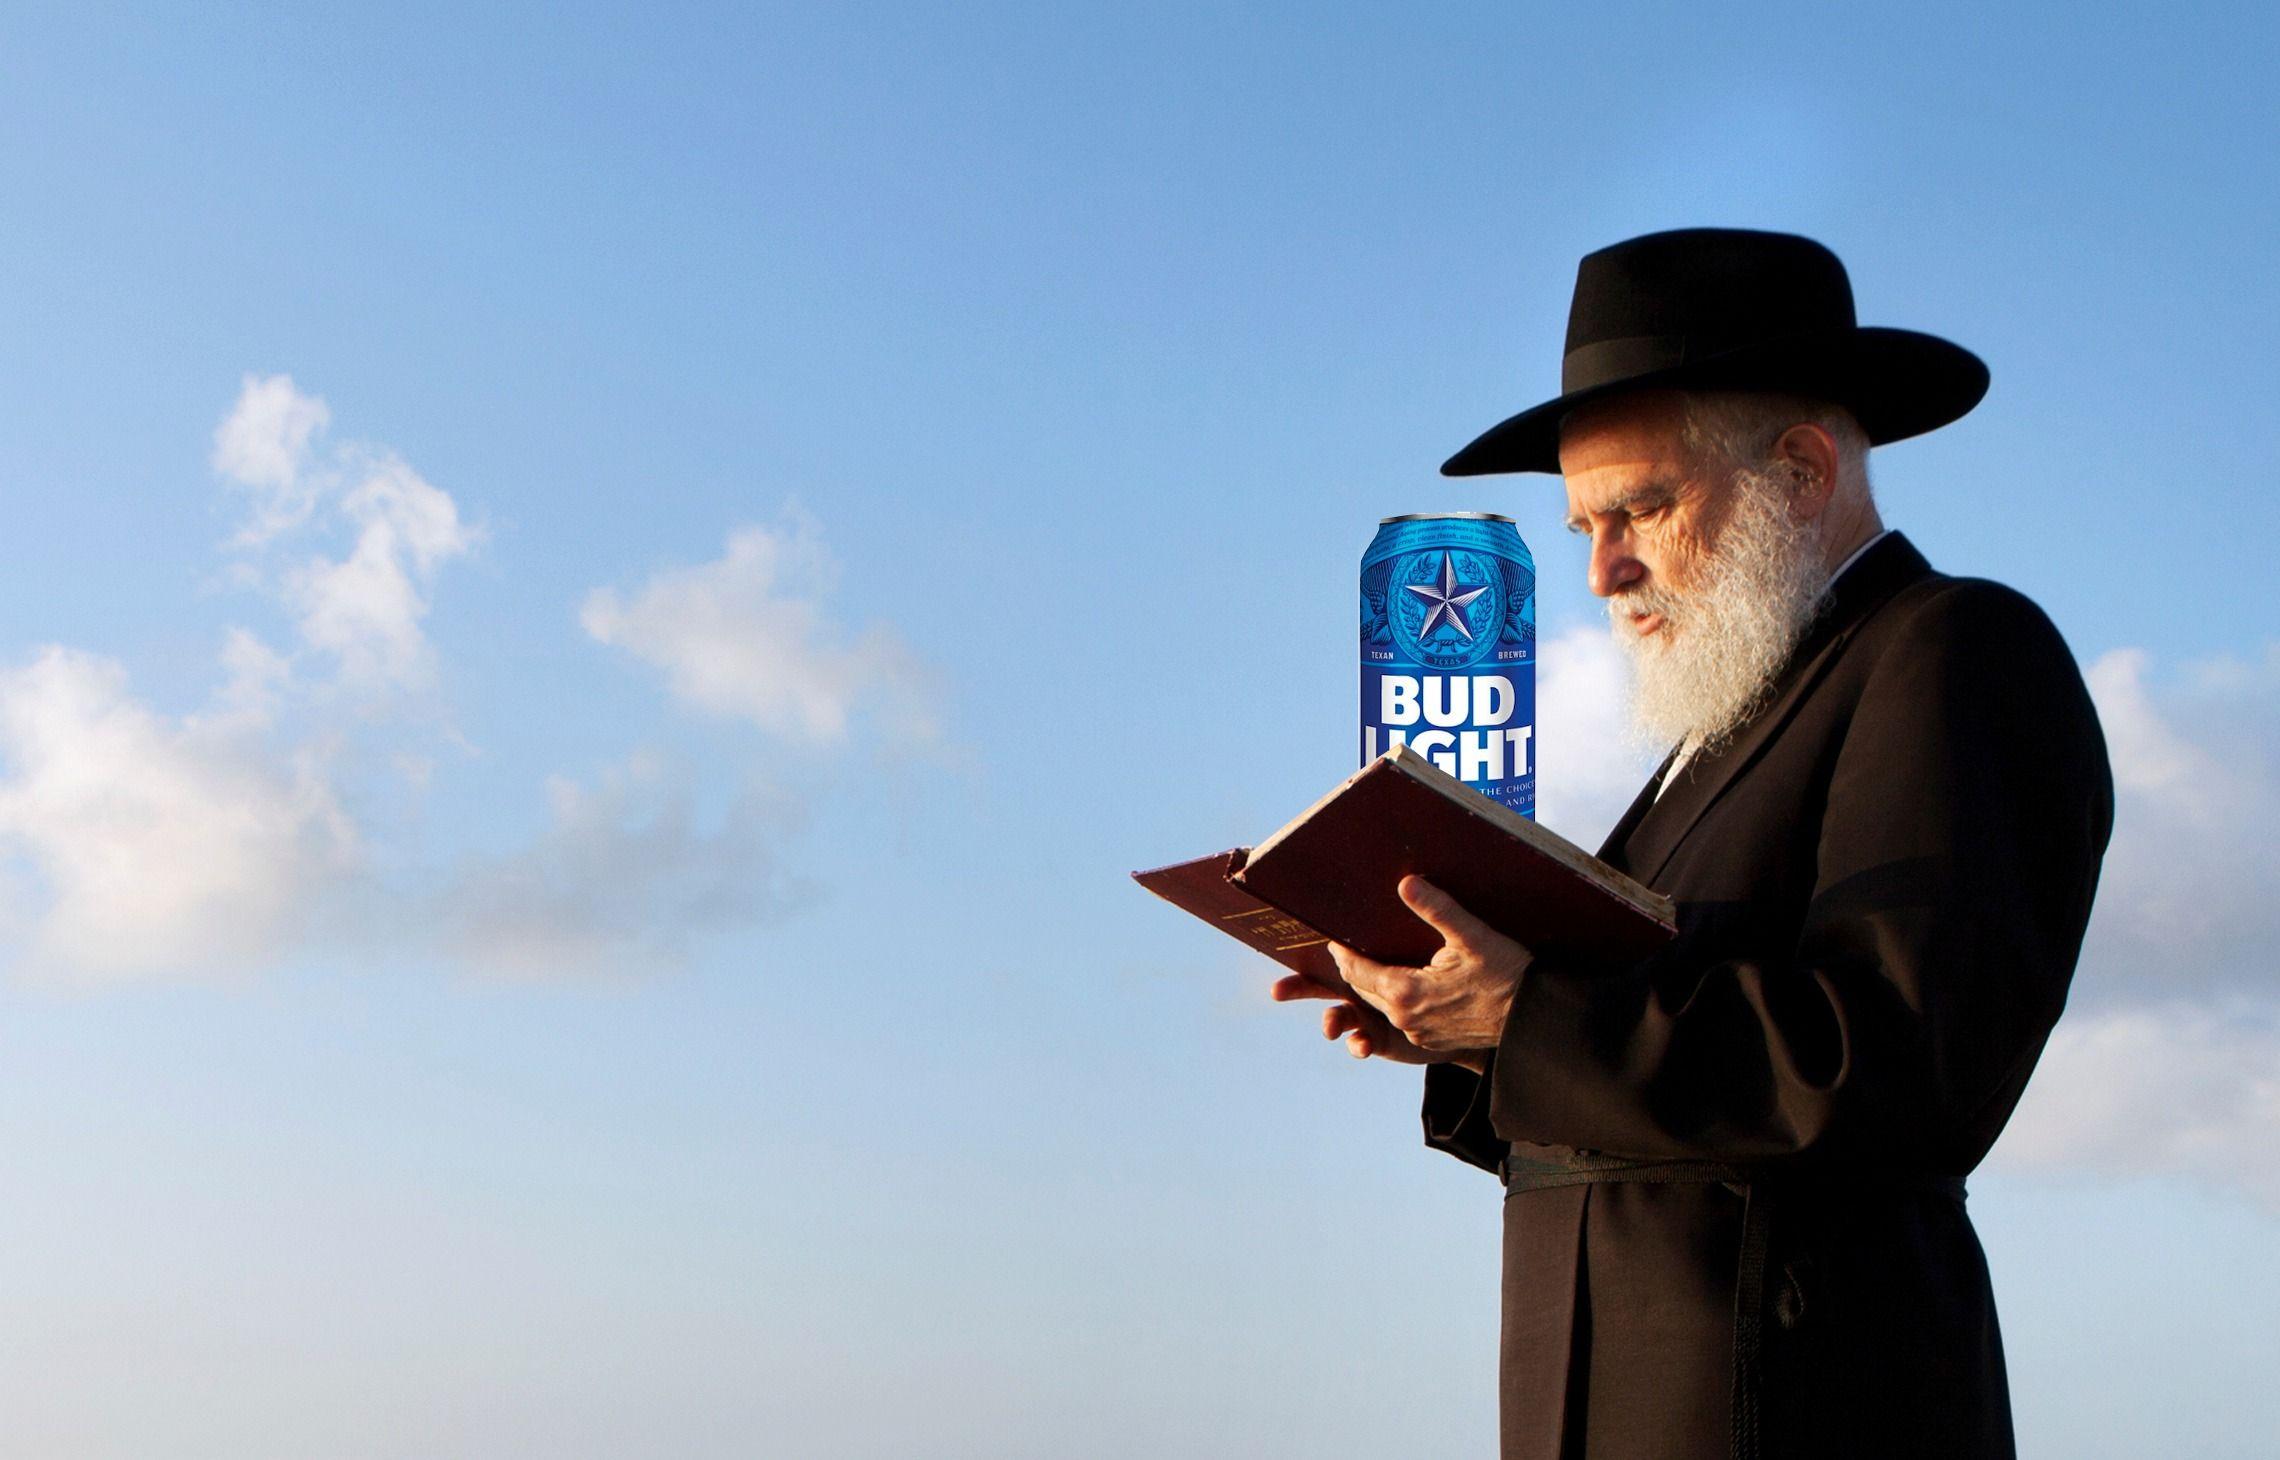 Orthodox Rabbis Tell New York Jews To ?stick To Budweiser? photo